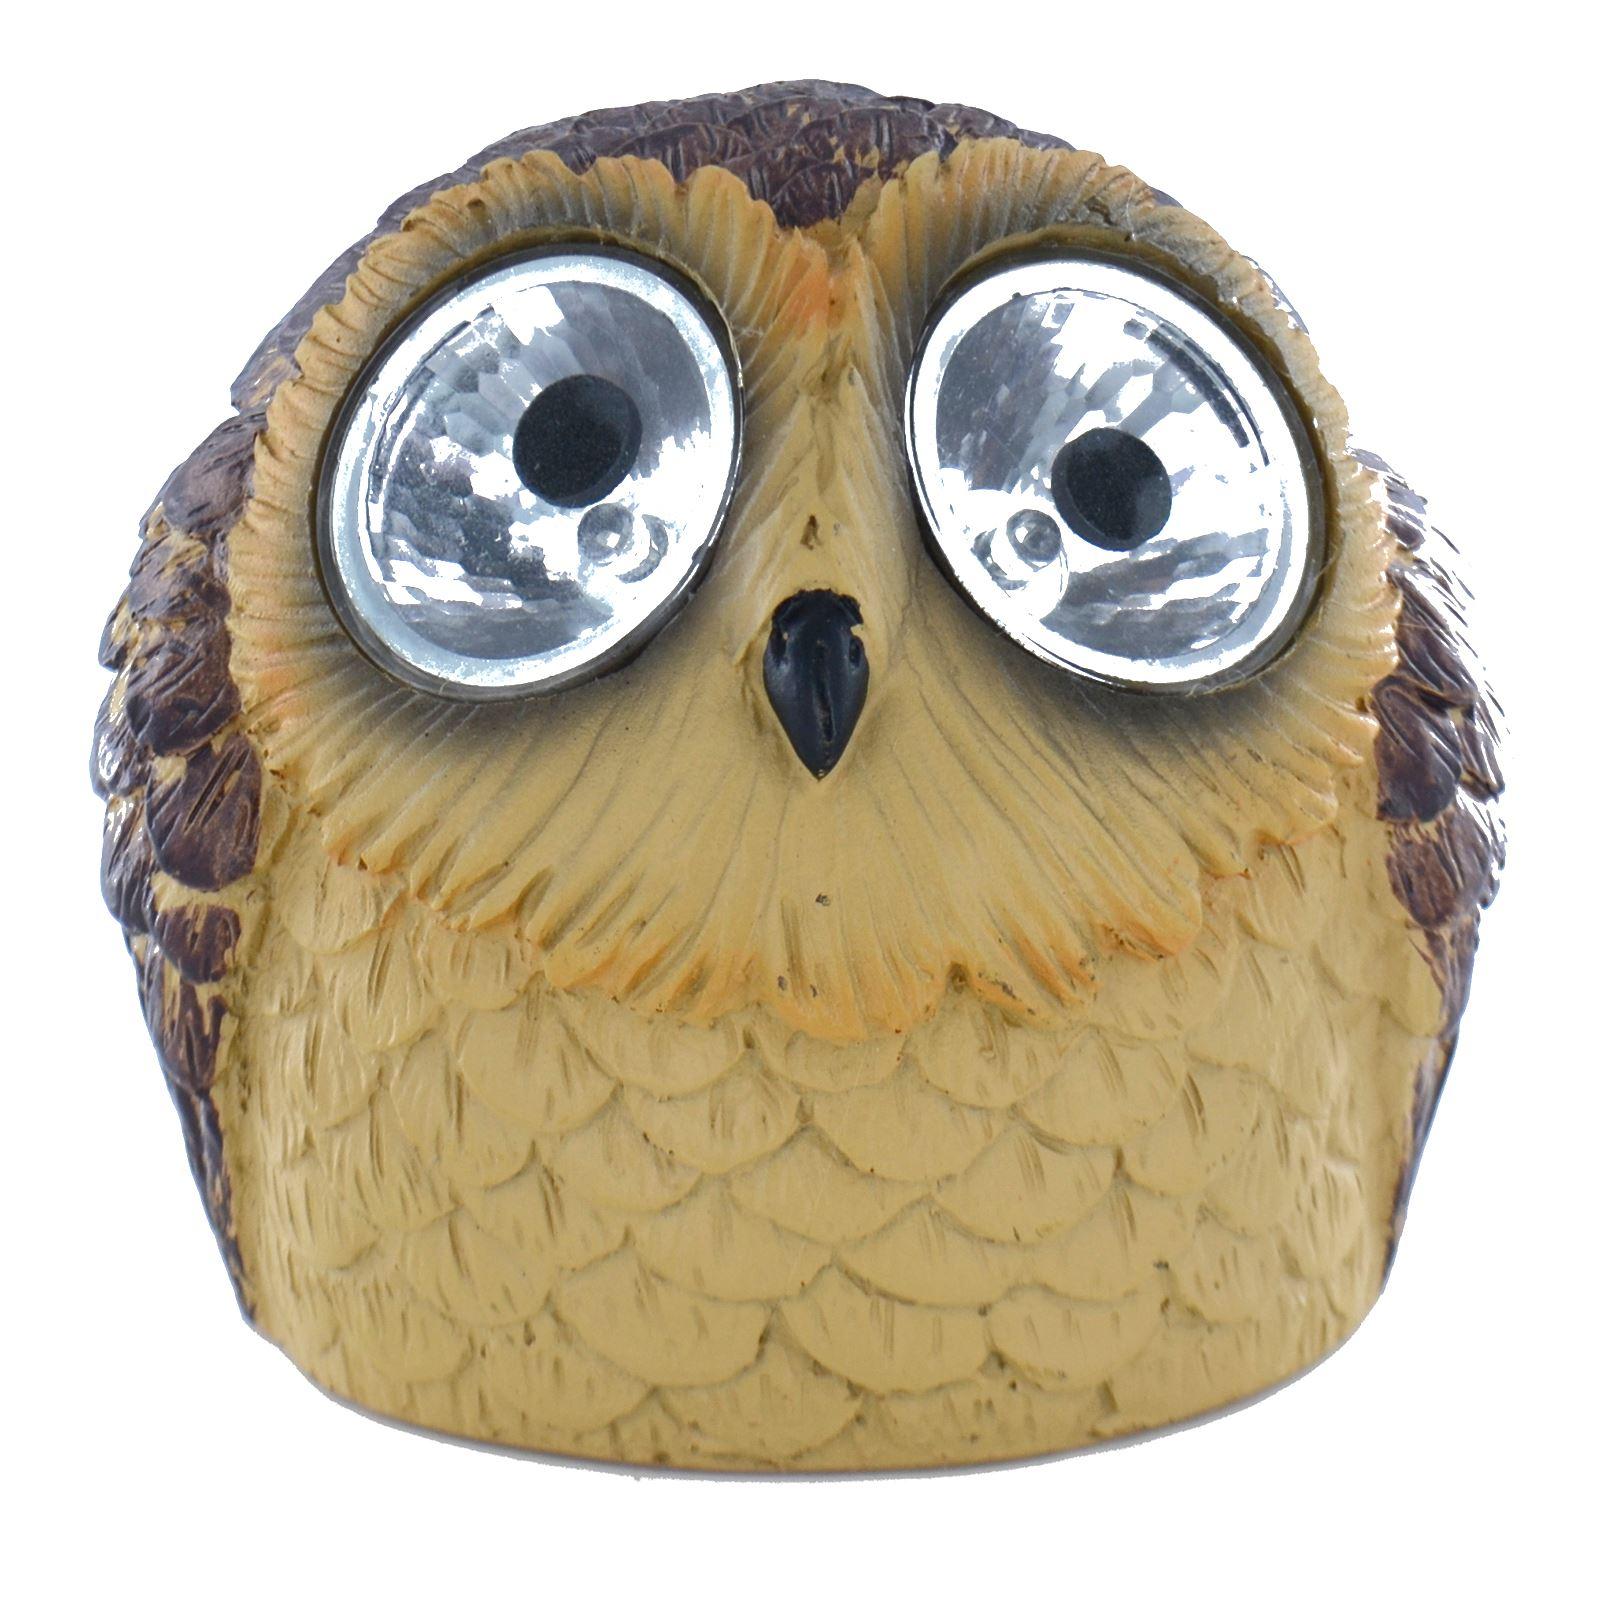 Novelty Solar Powered Owl LED Light Outdoor Garden Ornament Animal Lighting